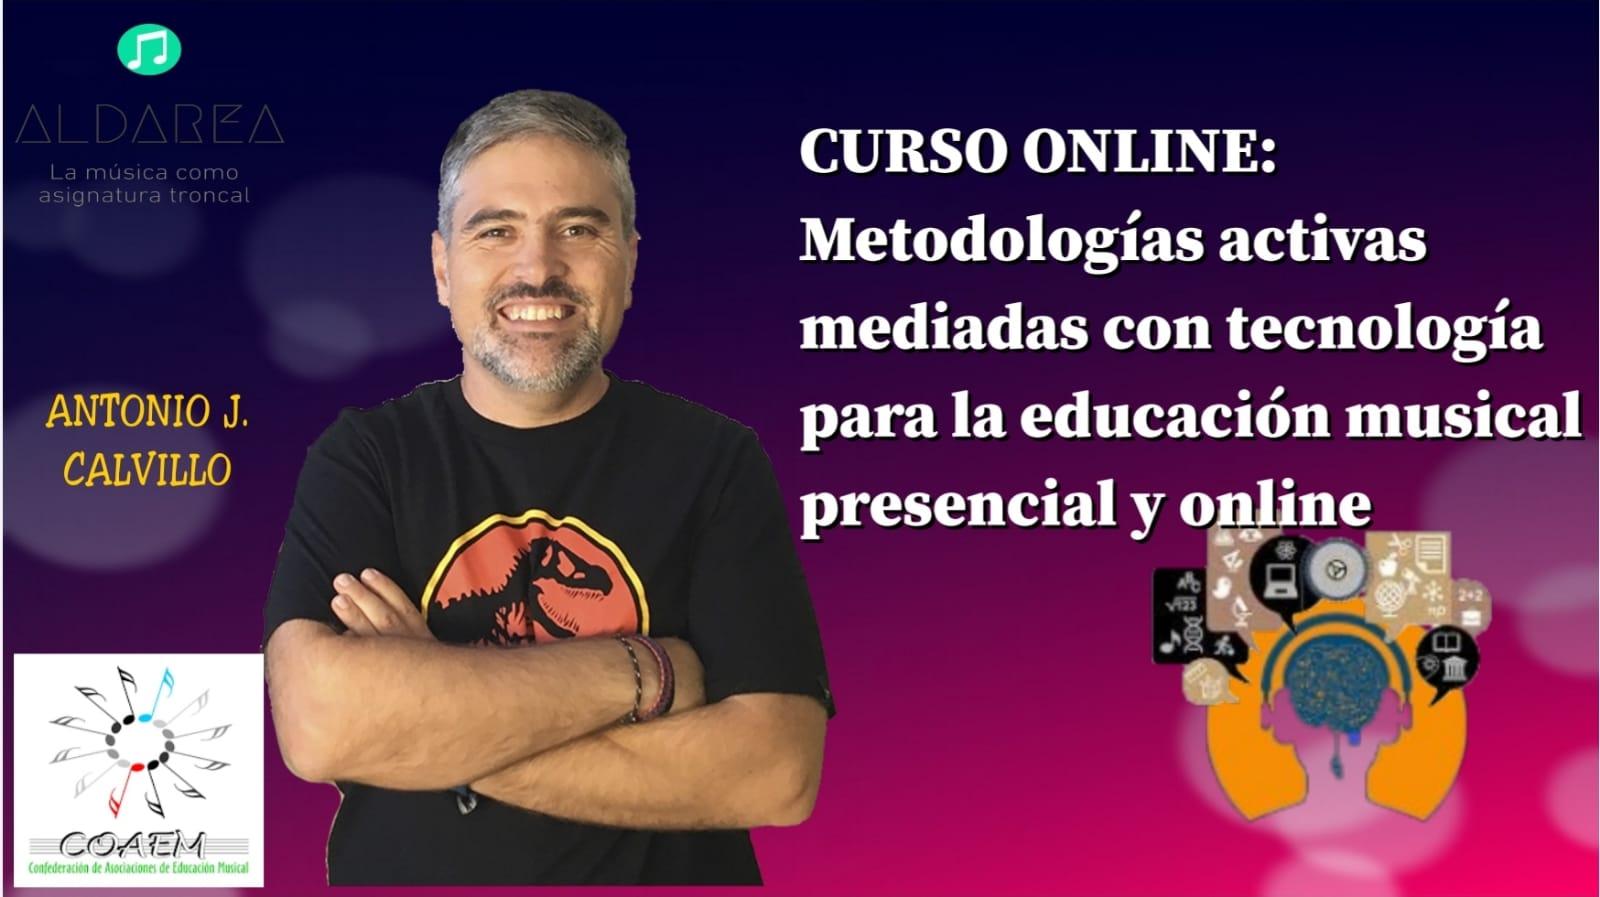 Metodologías activas mediadas con tecnología para la educación musical presencial y online.